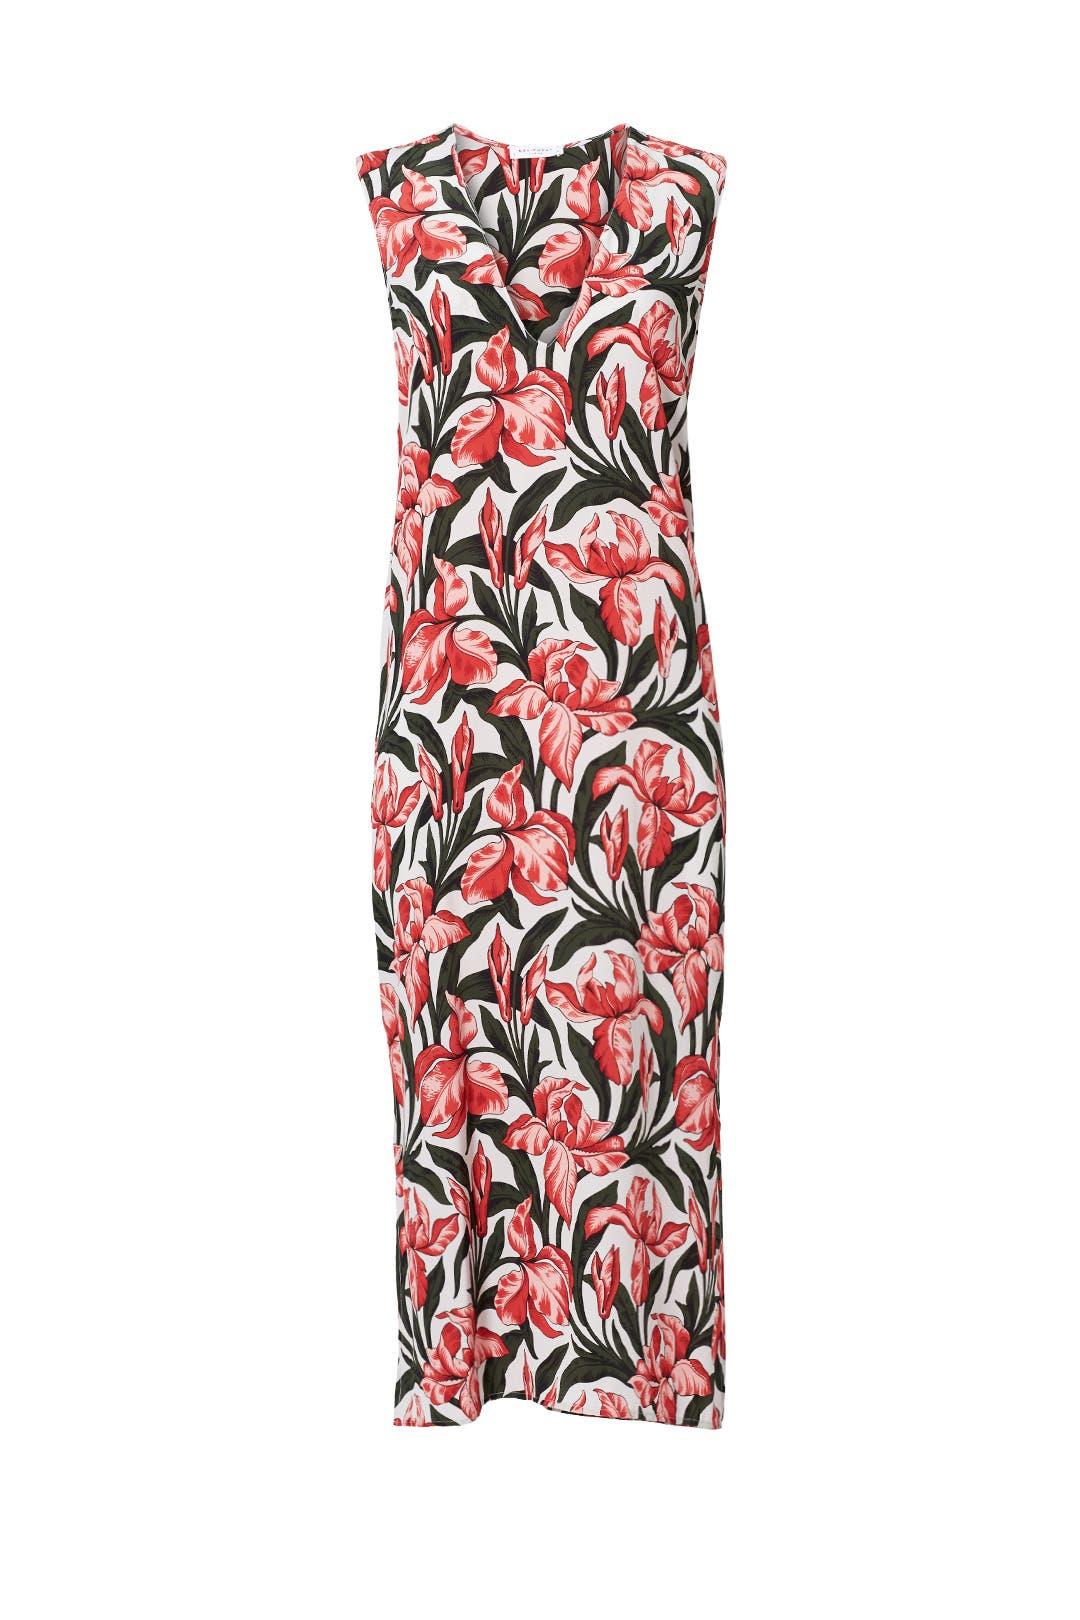 Floral Robe De Changement Midi - Rose Et Violet Équipement 9xazlADzI